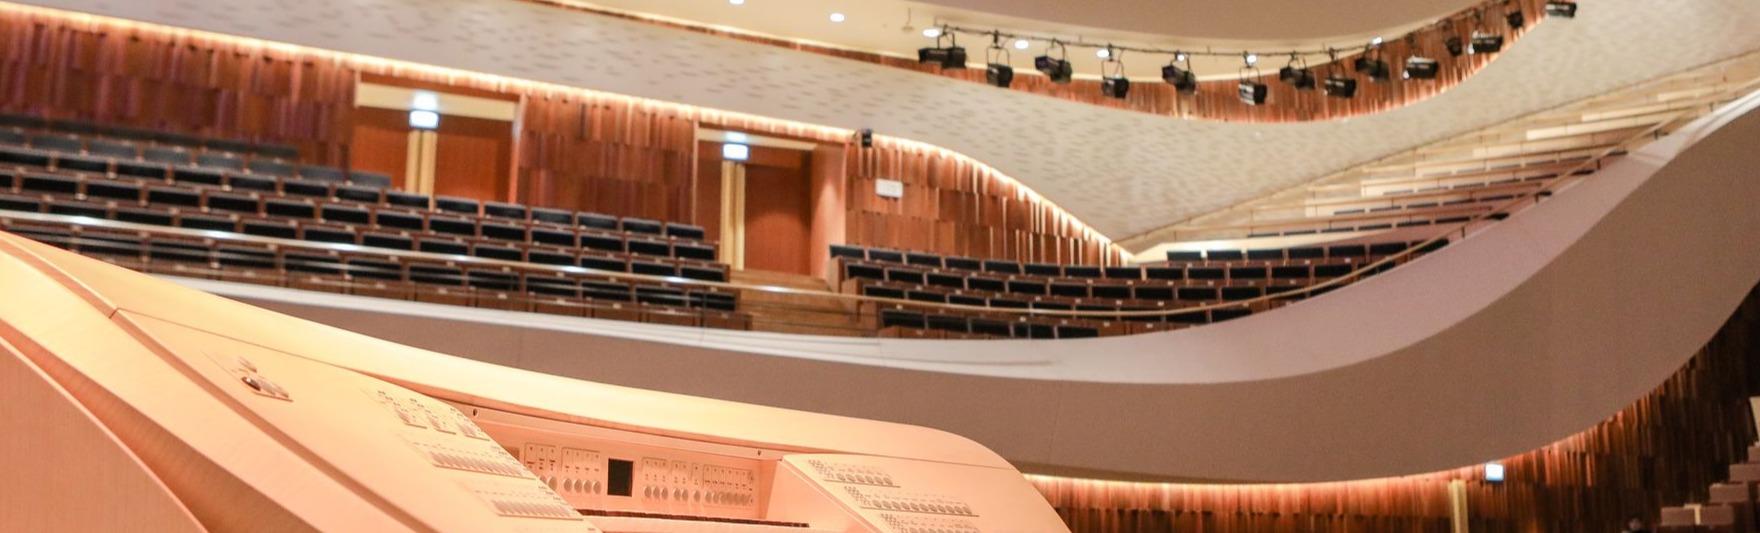 Сеульский филармонический оркестр, дирижер — Маркус Штенц